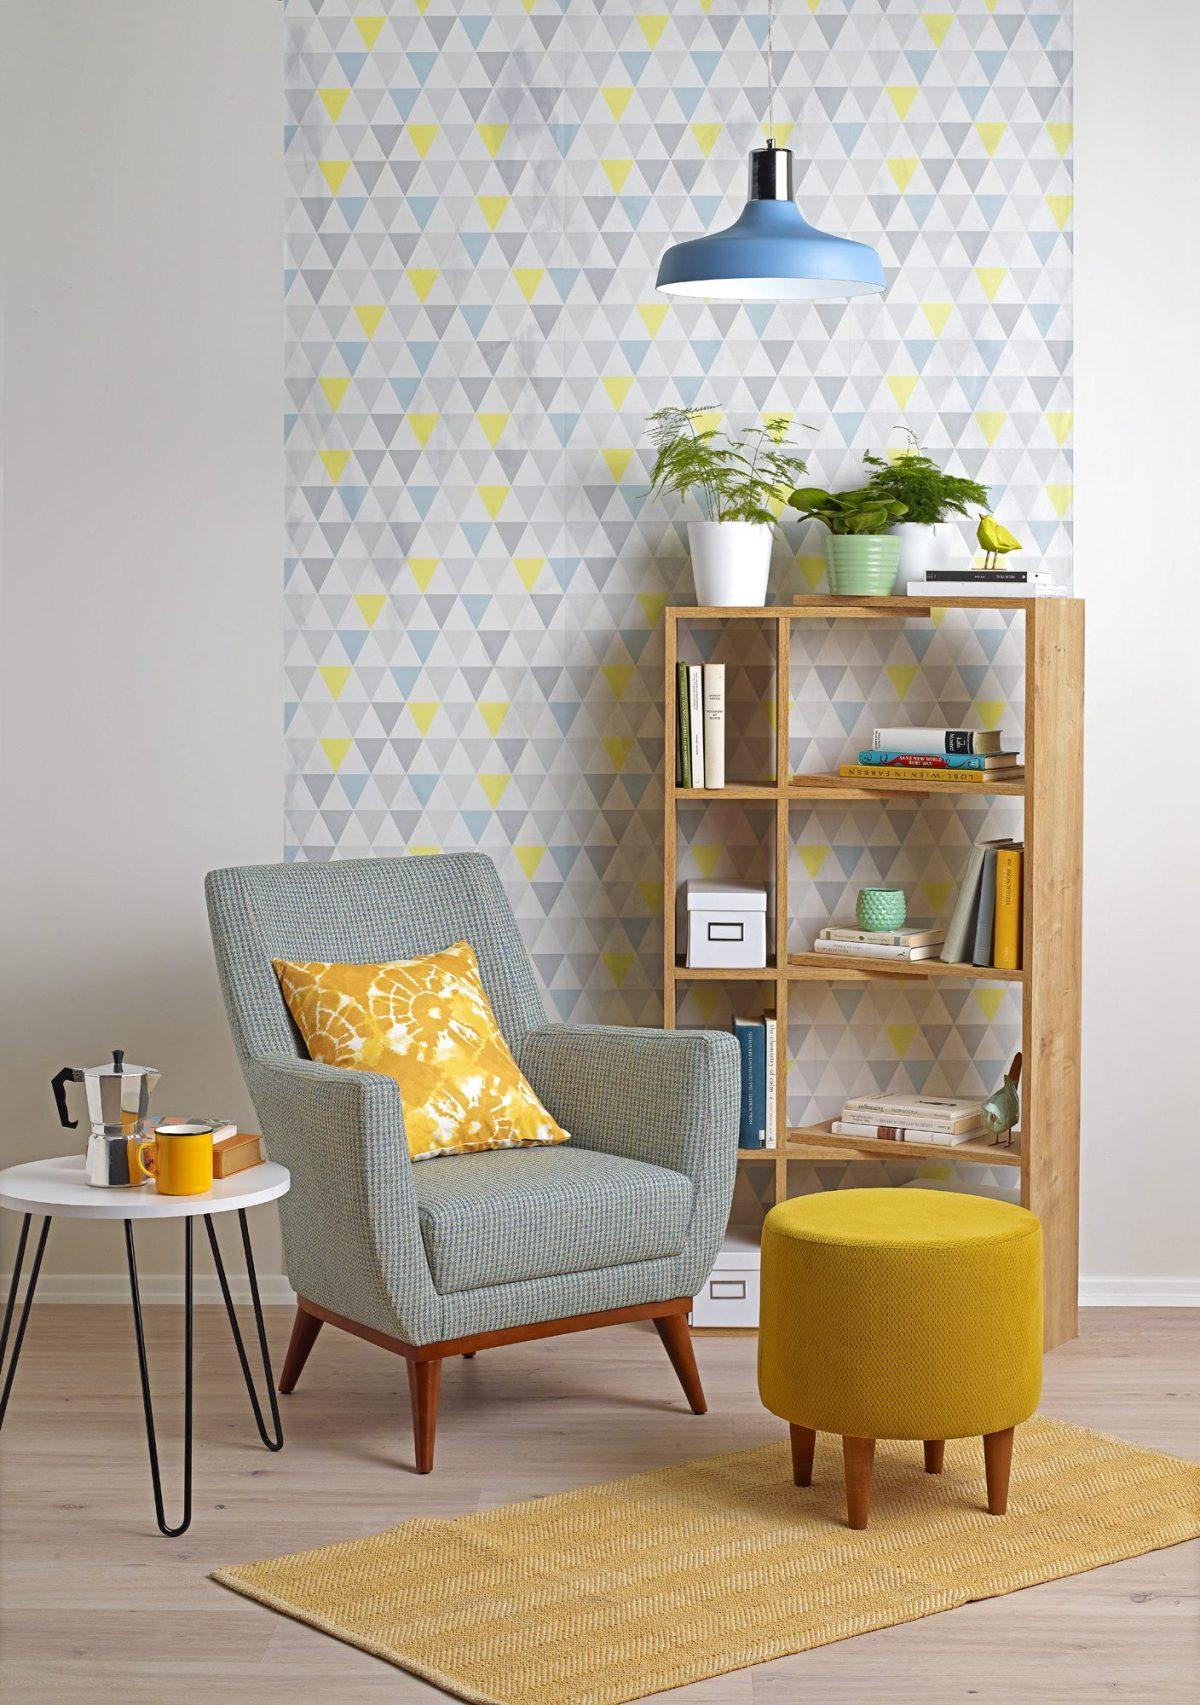 Oturma odaları için duvar kağıtları.